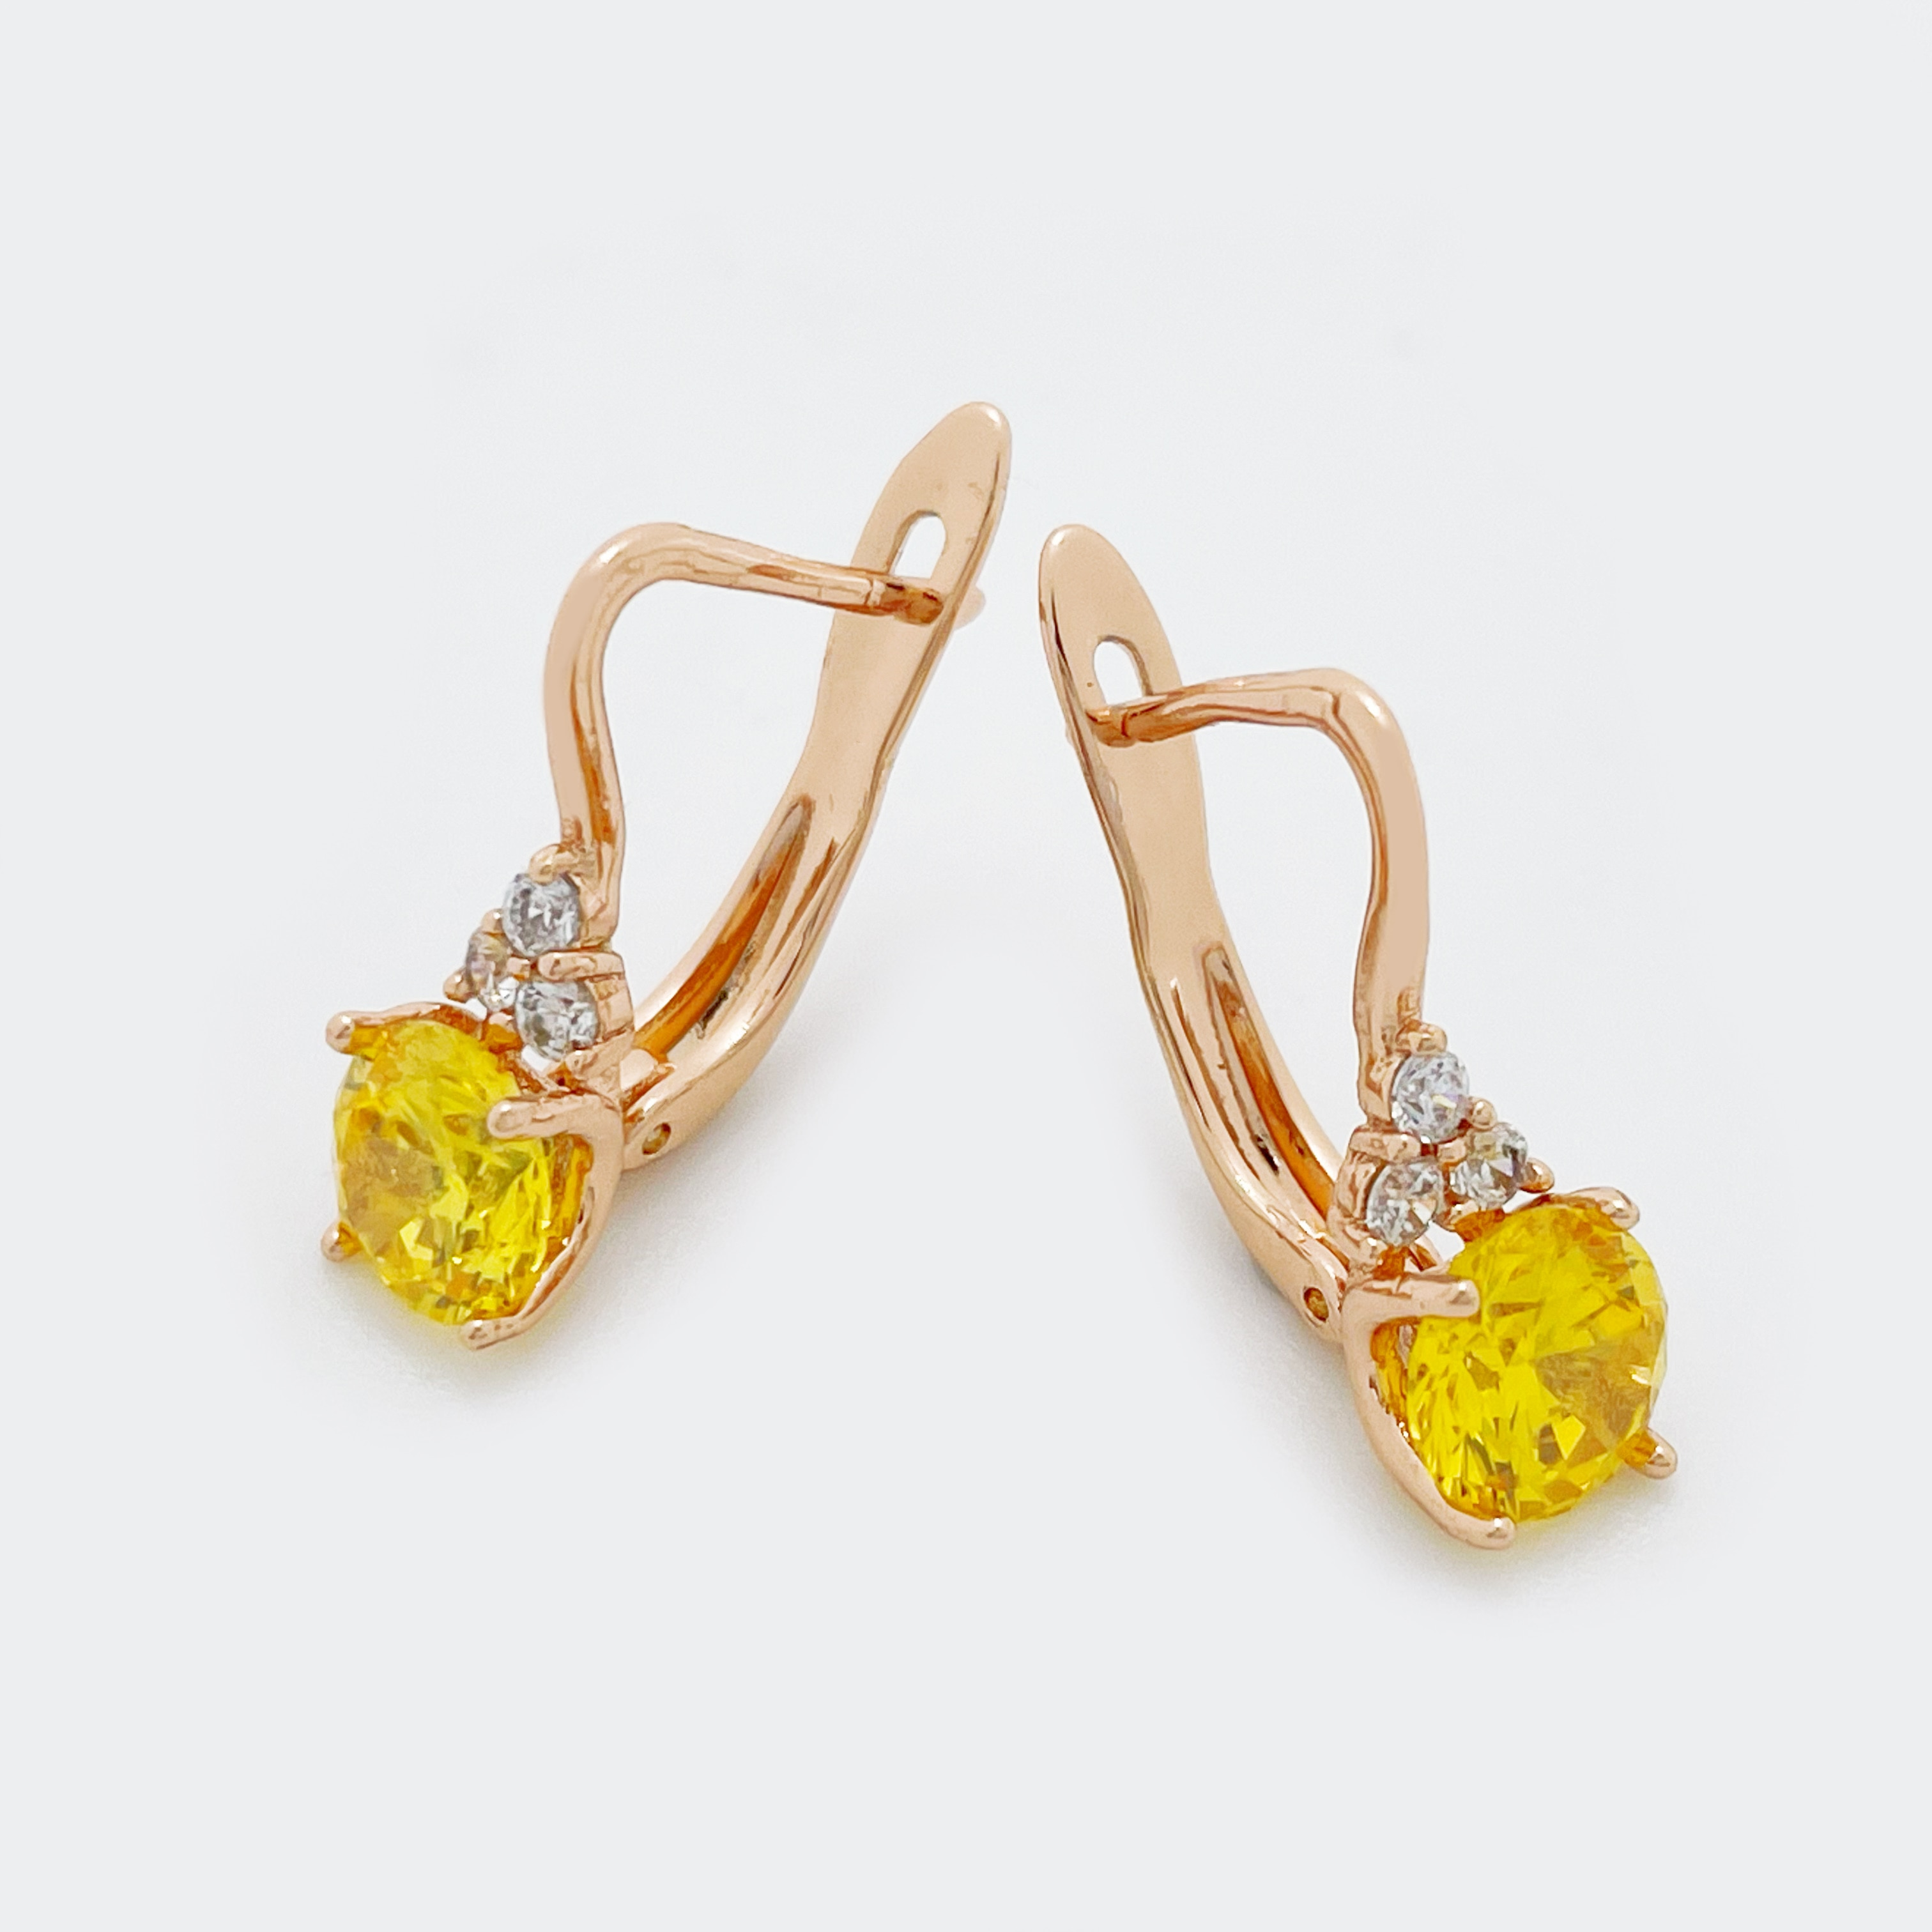 Новое поступление, женские модные милые ювелирные изделия с желтым камнем, розовое золото 585 пробы, Милые простые Популярные Уникальные висячие серьги